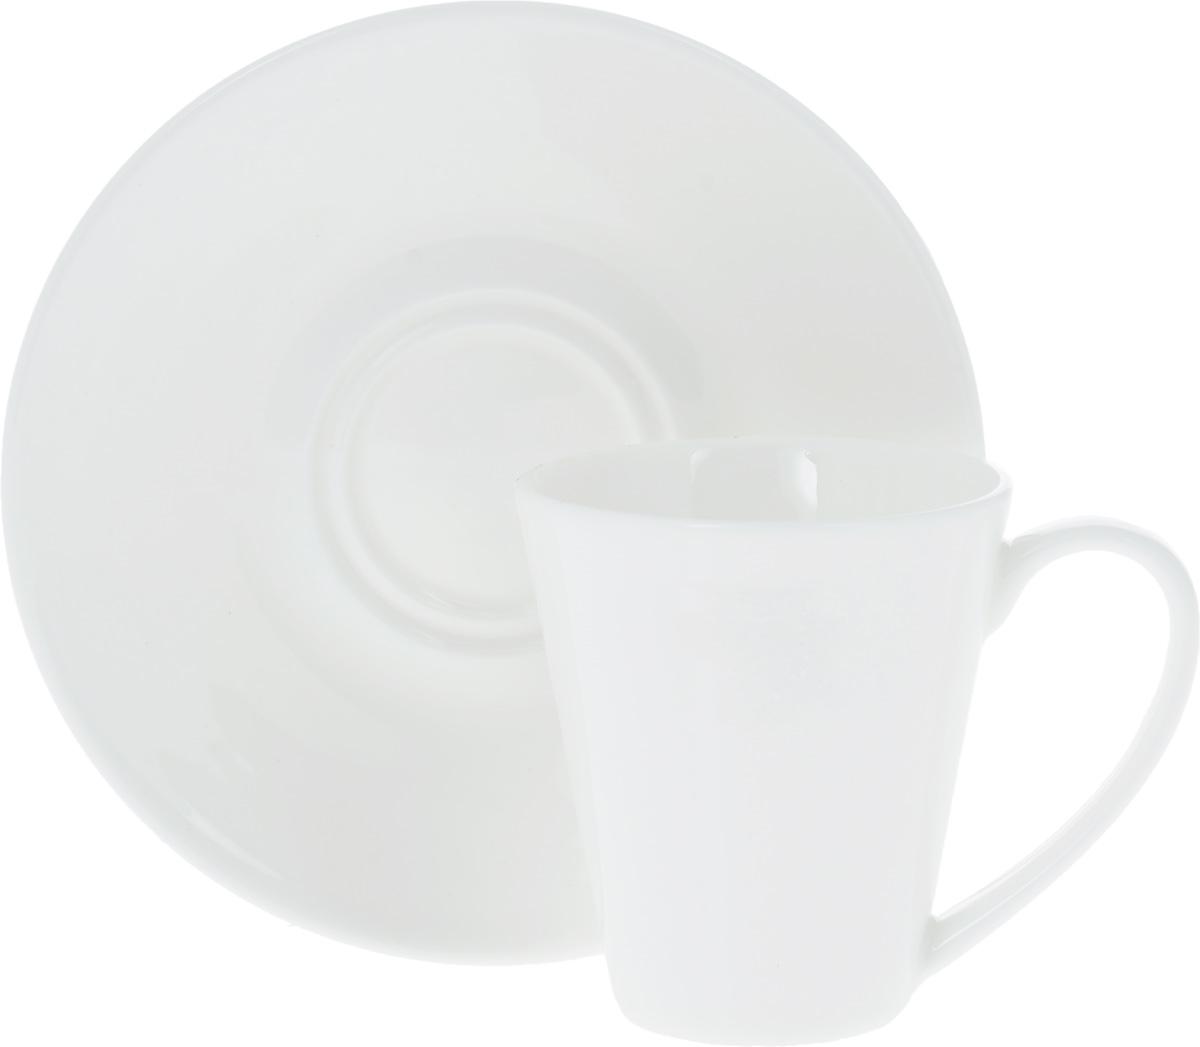 Кофейная пара Wilmax, 2 предмета. WL-993054 / ABWL-993054 / ABКофейная пара Wilmax состоит из чашки и блюдца. Изделия выполнены из высококачественного фарфора, покрытого слоем глазури. Изделия имеют лаконичный дизайн, просты и функциональны в использовании. Кофейная пара Wilmax украсит ваш кухонный стол, а также станет замечательным подарком к любому празднику. Изделия можно мыть в посудомоечной машине и ставить в микроволновую печь. Объем чашки: 110 мл. Диаметр чашки (по верхнему краю): 6 см. Высота чашки: 7 см. Диаметр блюдца: 13 см.